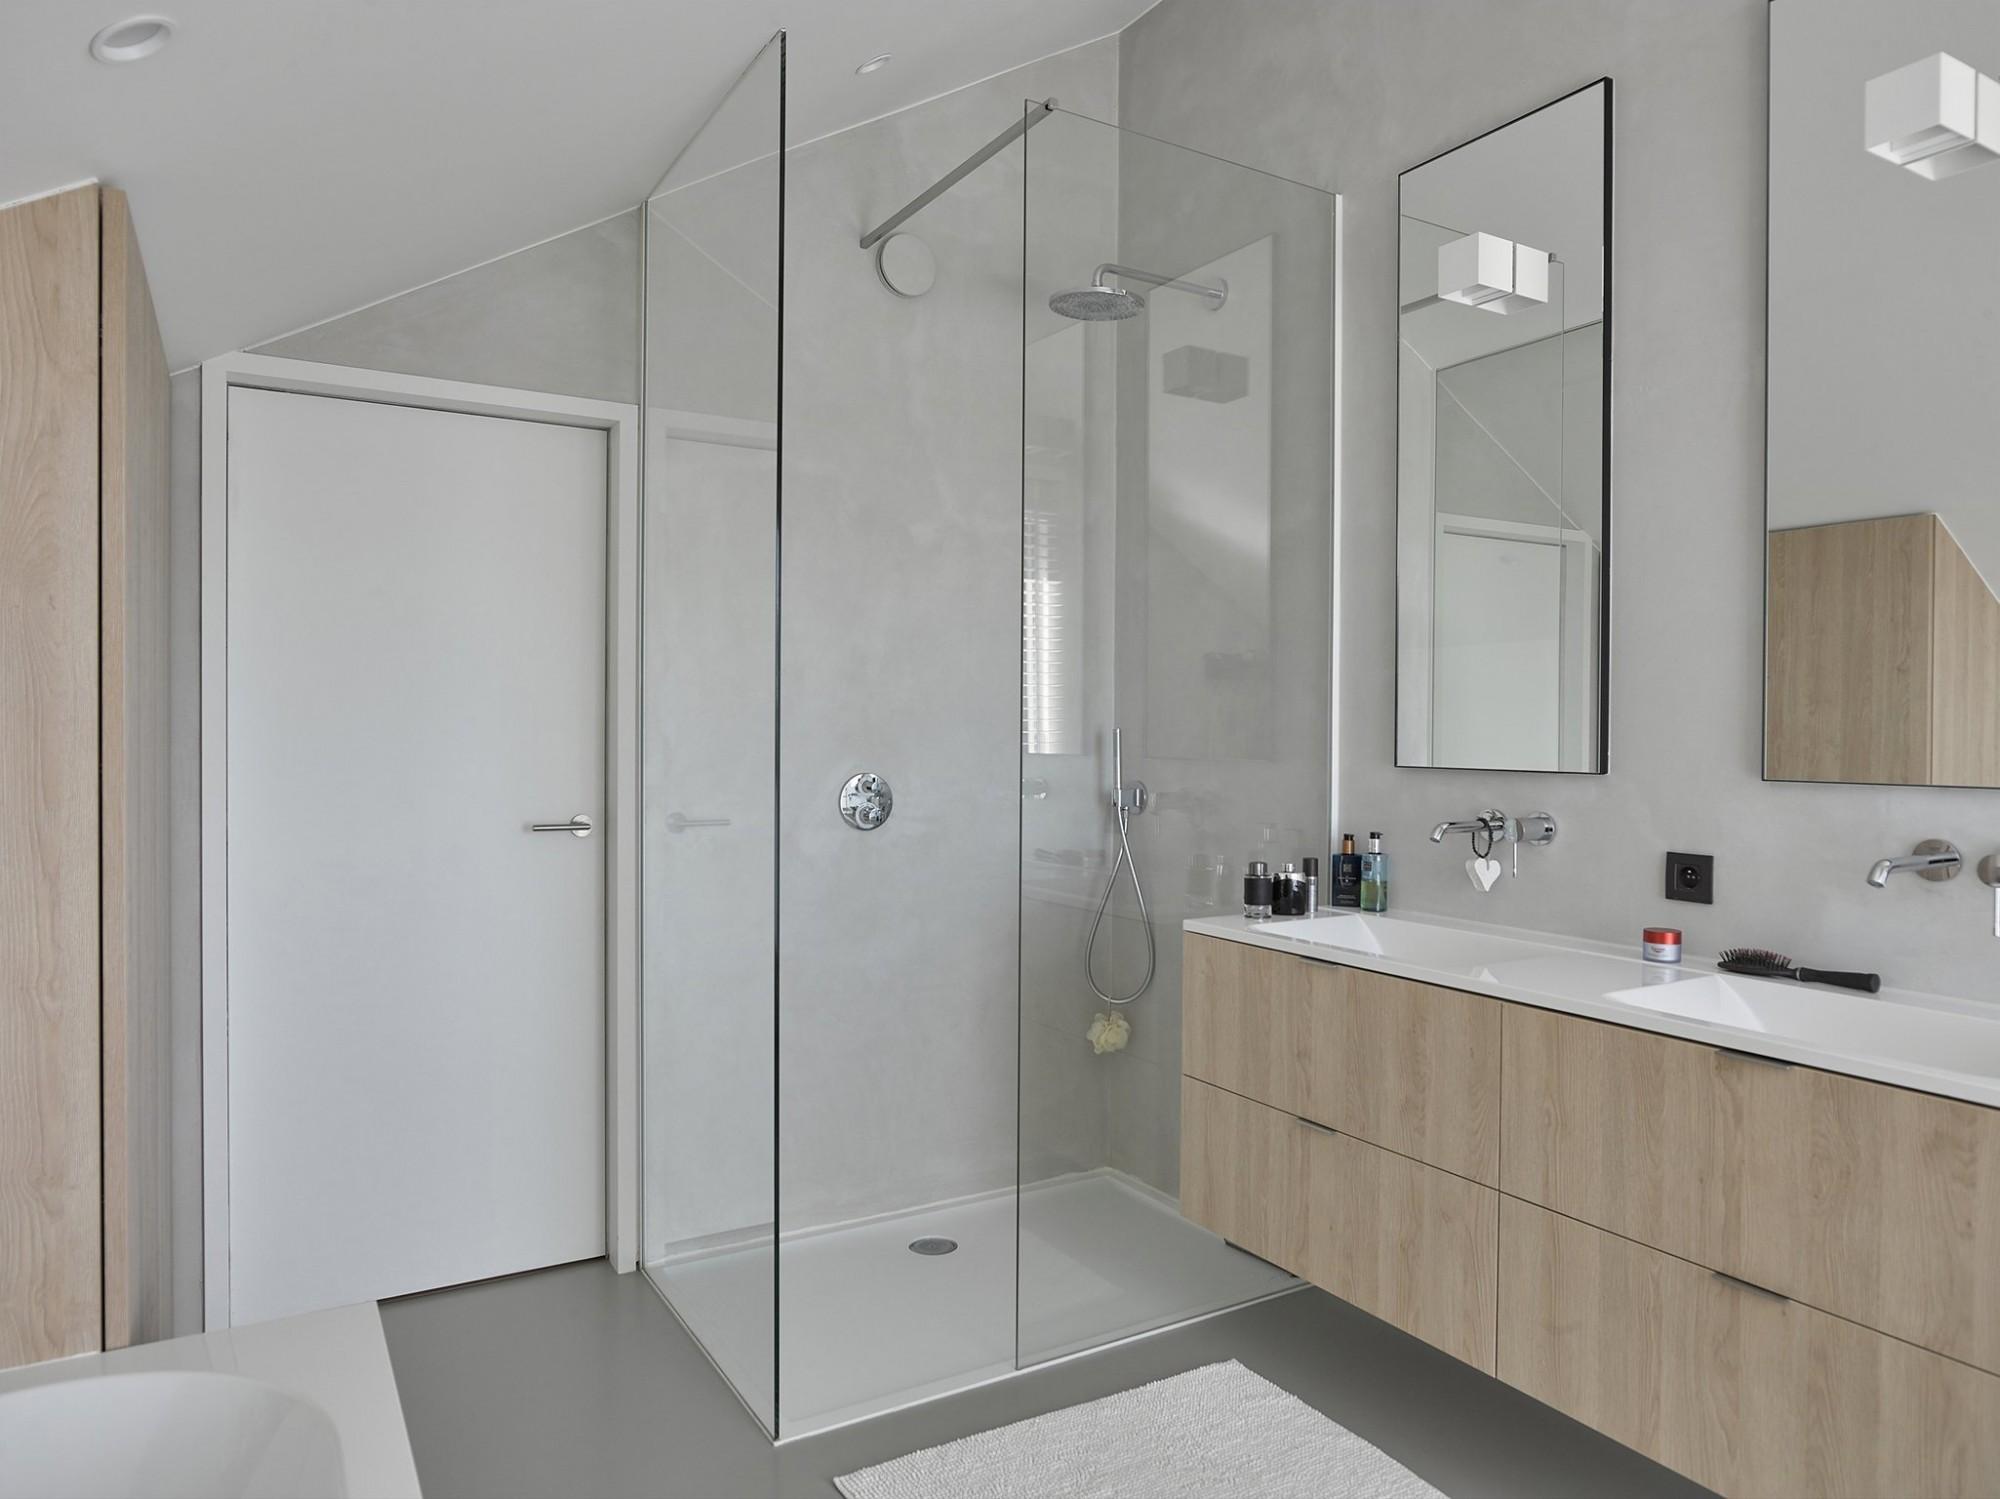 Afbeelding: Badkamer inrichting voor © totaal projecten Vergalle, fotografie foto Van Huffel